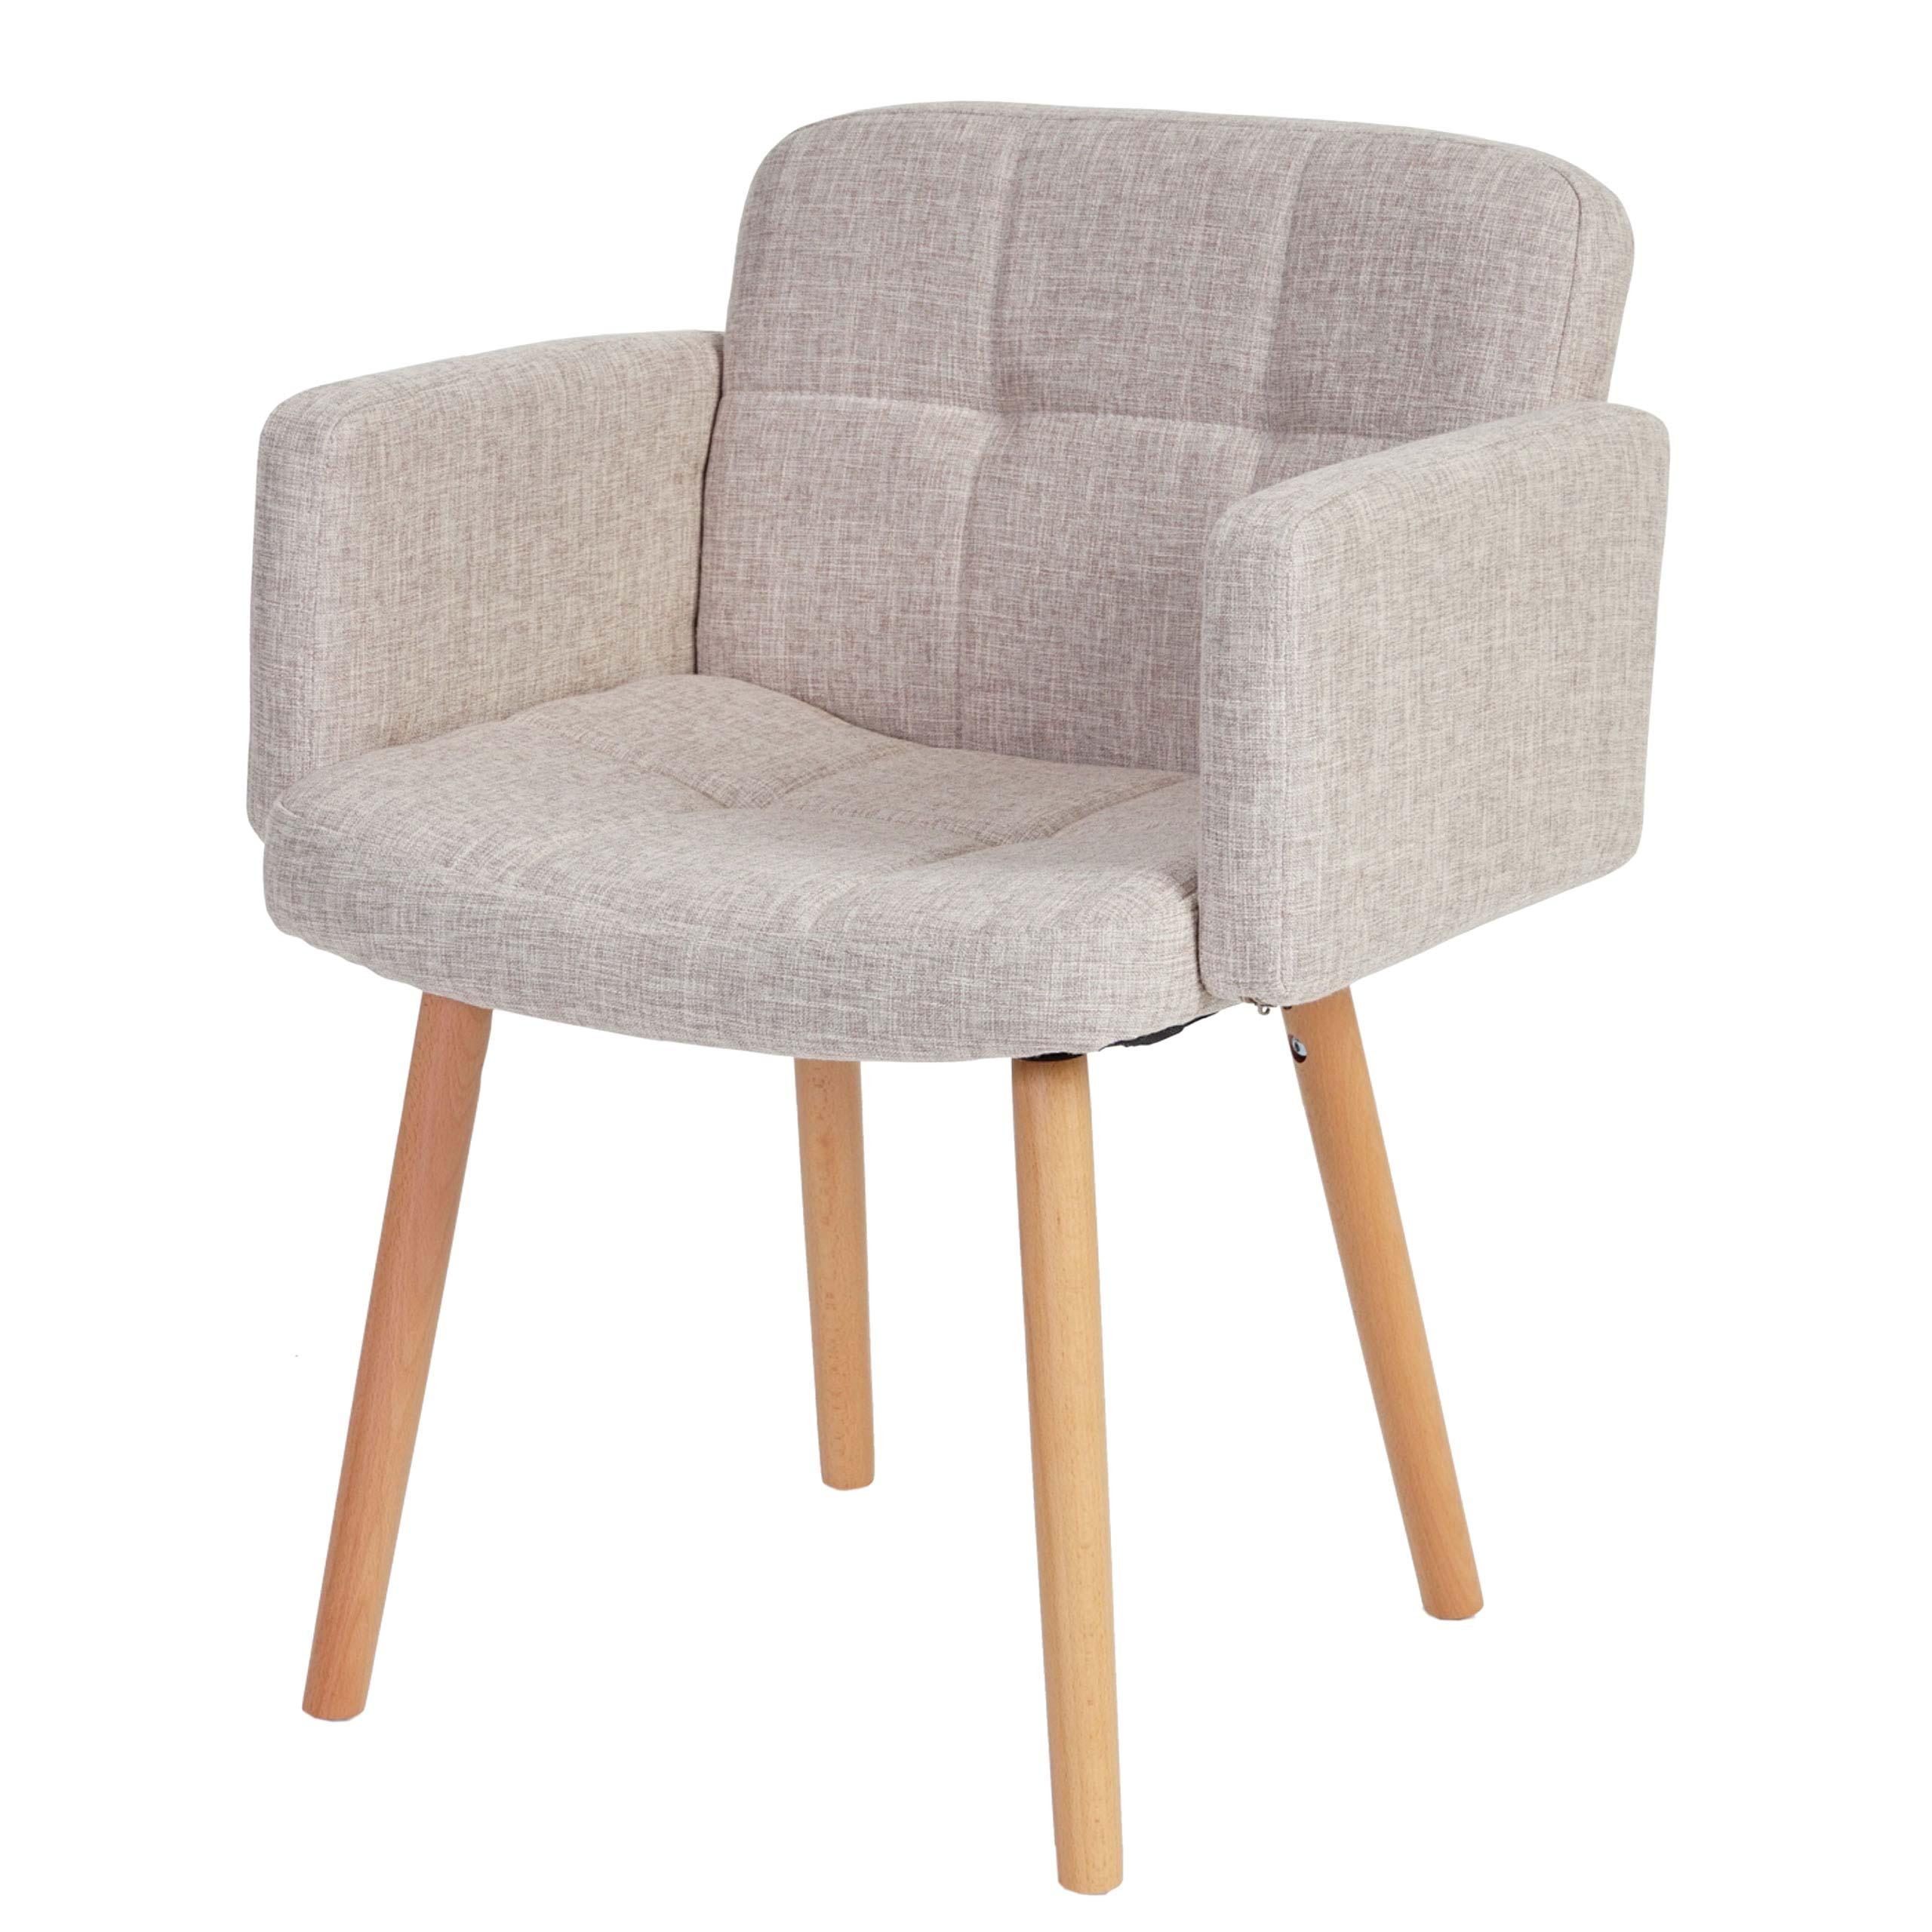 Design Esszimmerstuhl orlando ii stuhl lehnstuhl retro design textil creme grau